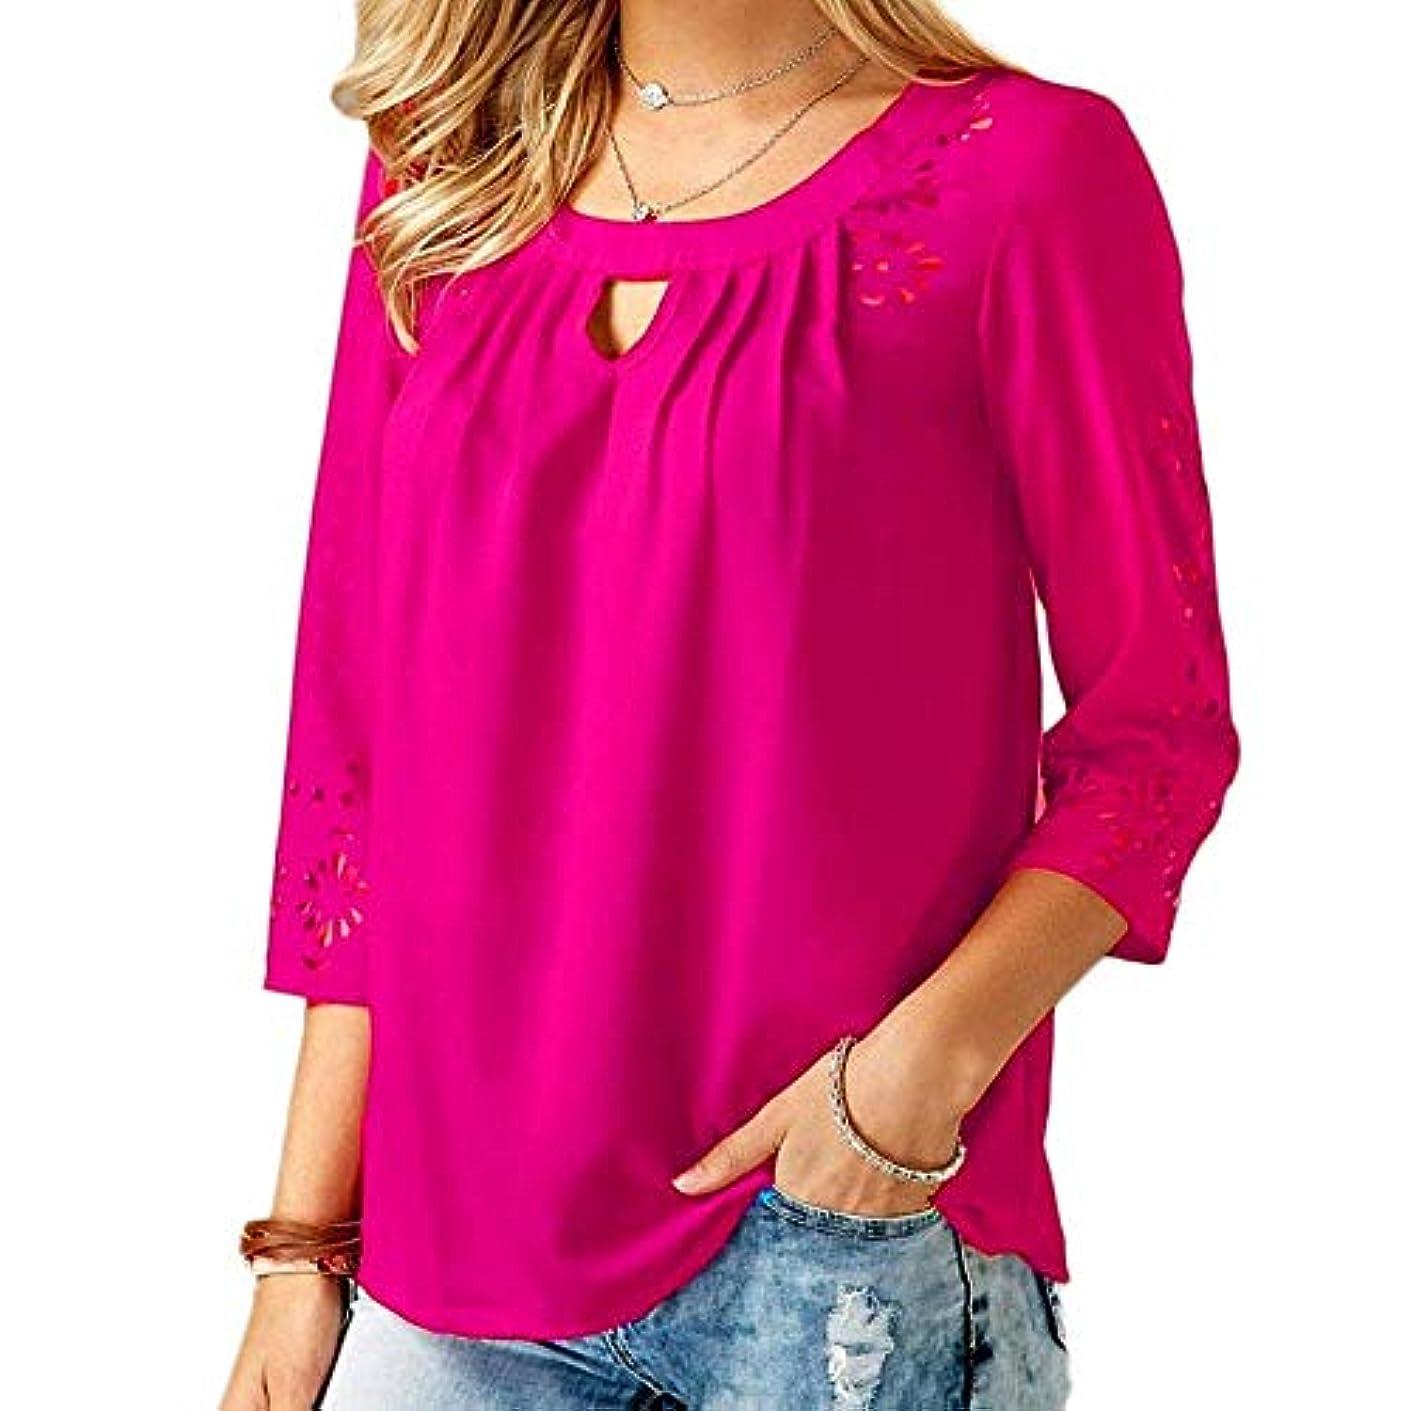 移行ブッシュホームMIFAN ゆったりTシャツ、シフォンシャツ、カジュアルシャツ、女性トップ、プラスサイズトップ